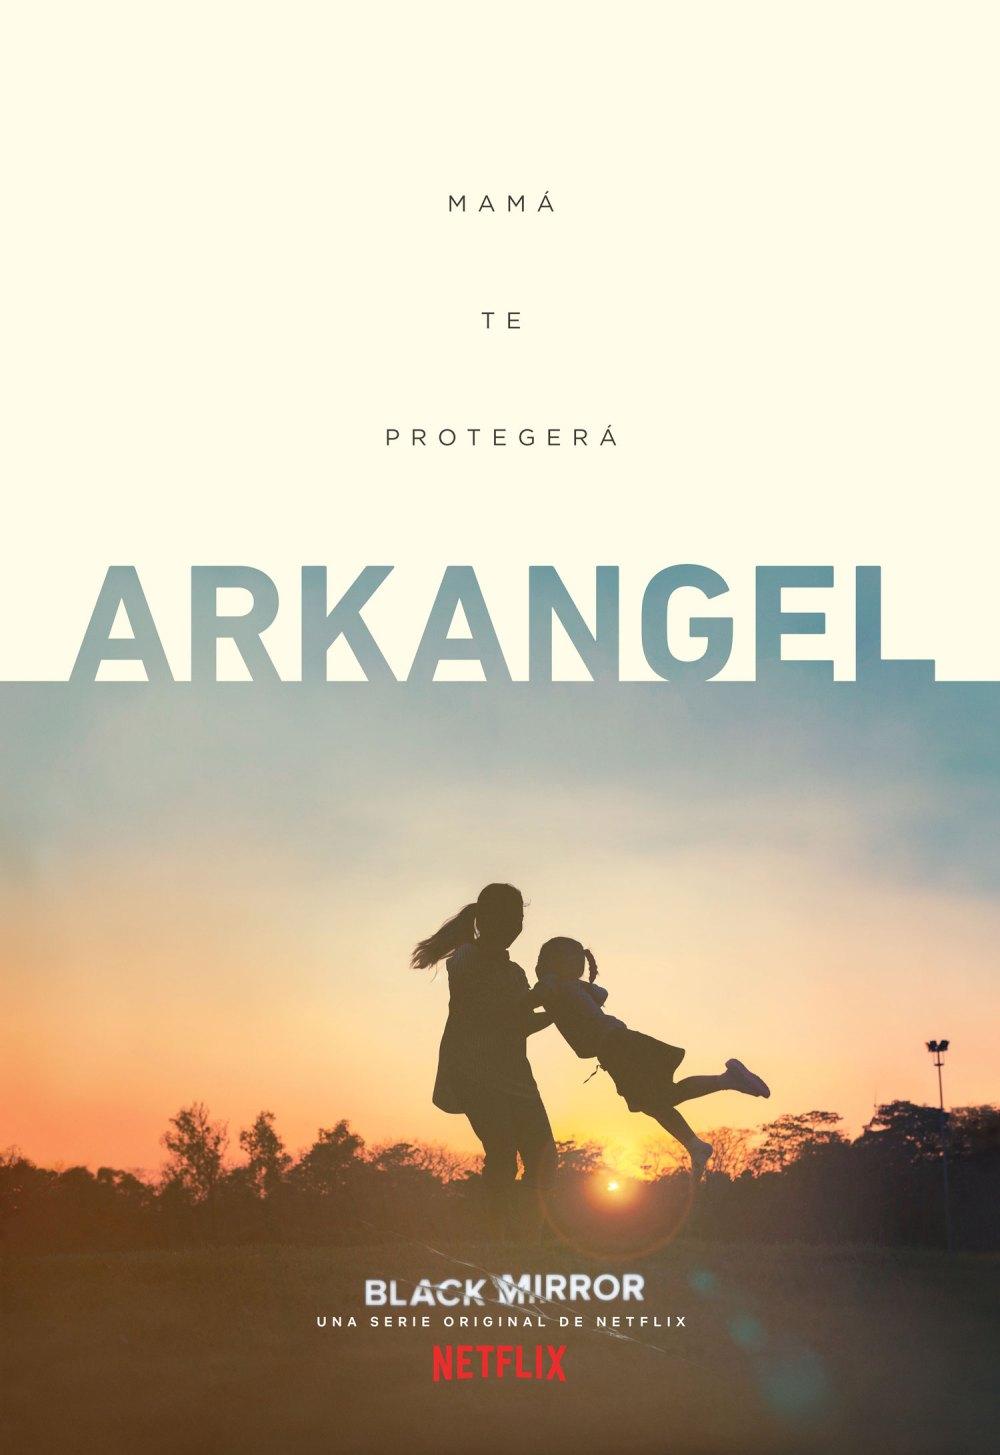 Arkangel Poster - El Palomitrón